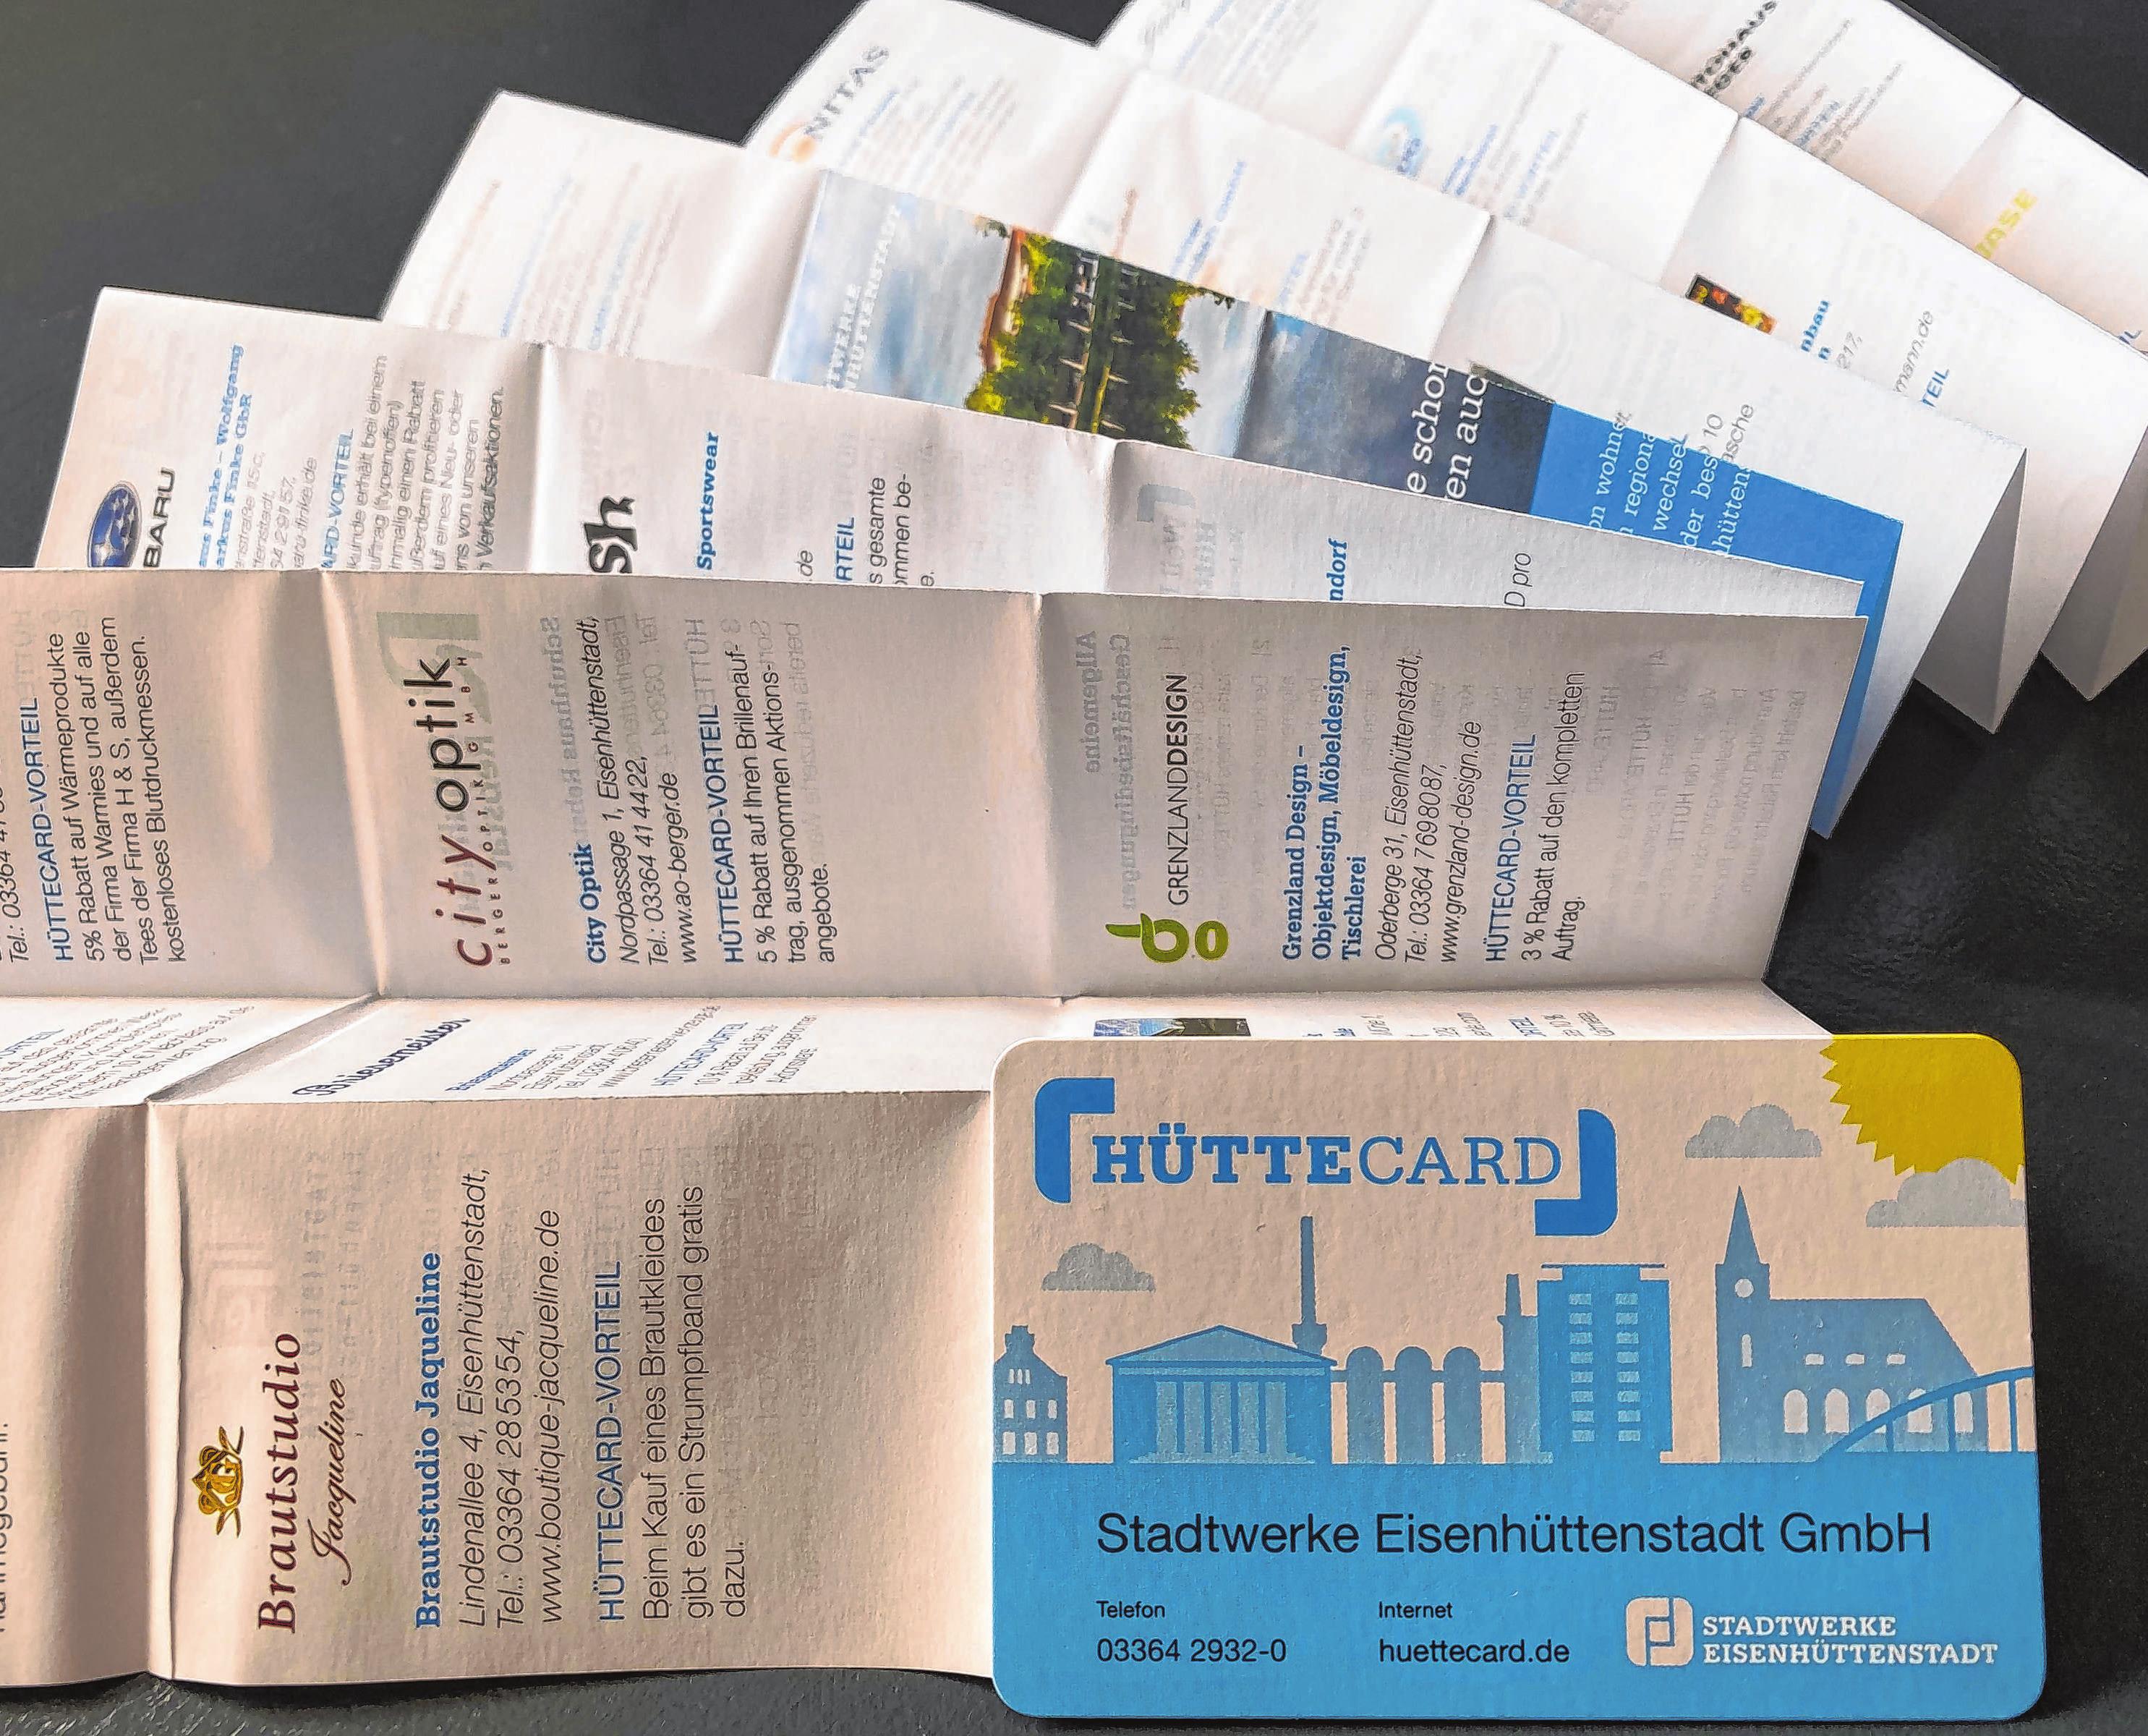 Kleine Broschüre, viel Inhalt: Im Hosentaschenformat bietet das Faltblatt einen Überblick über die HÜTTECARD-Leistungspartner und deren Angebote. Fotos: Anne Bennewitz